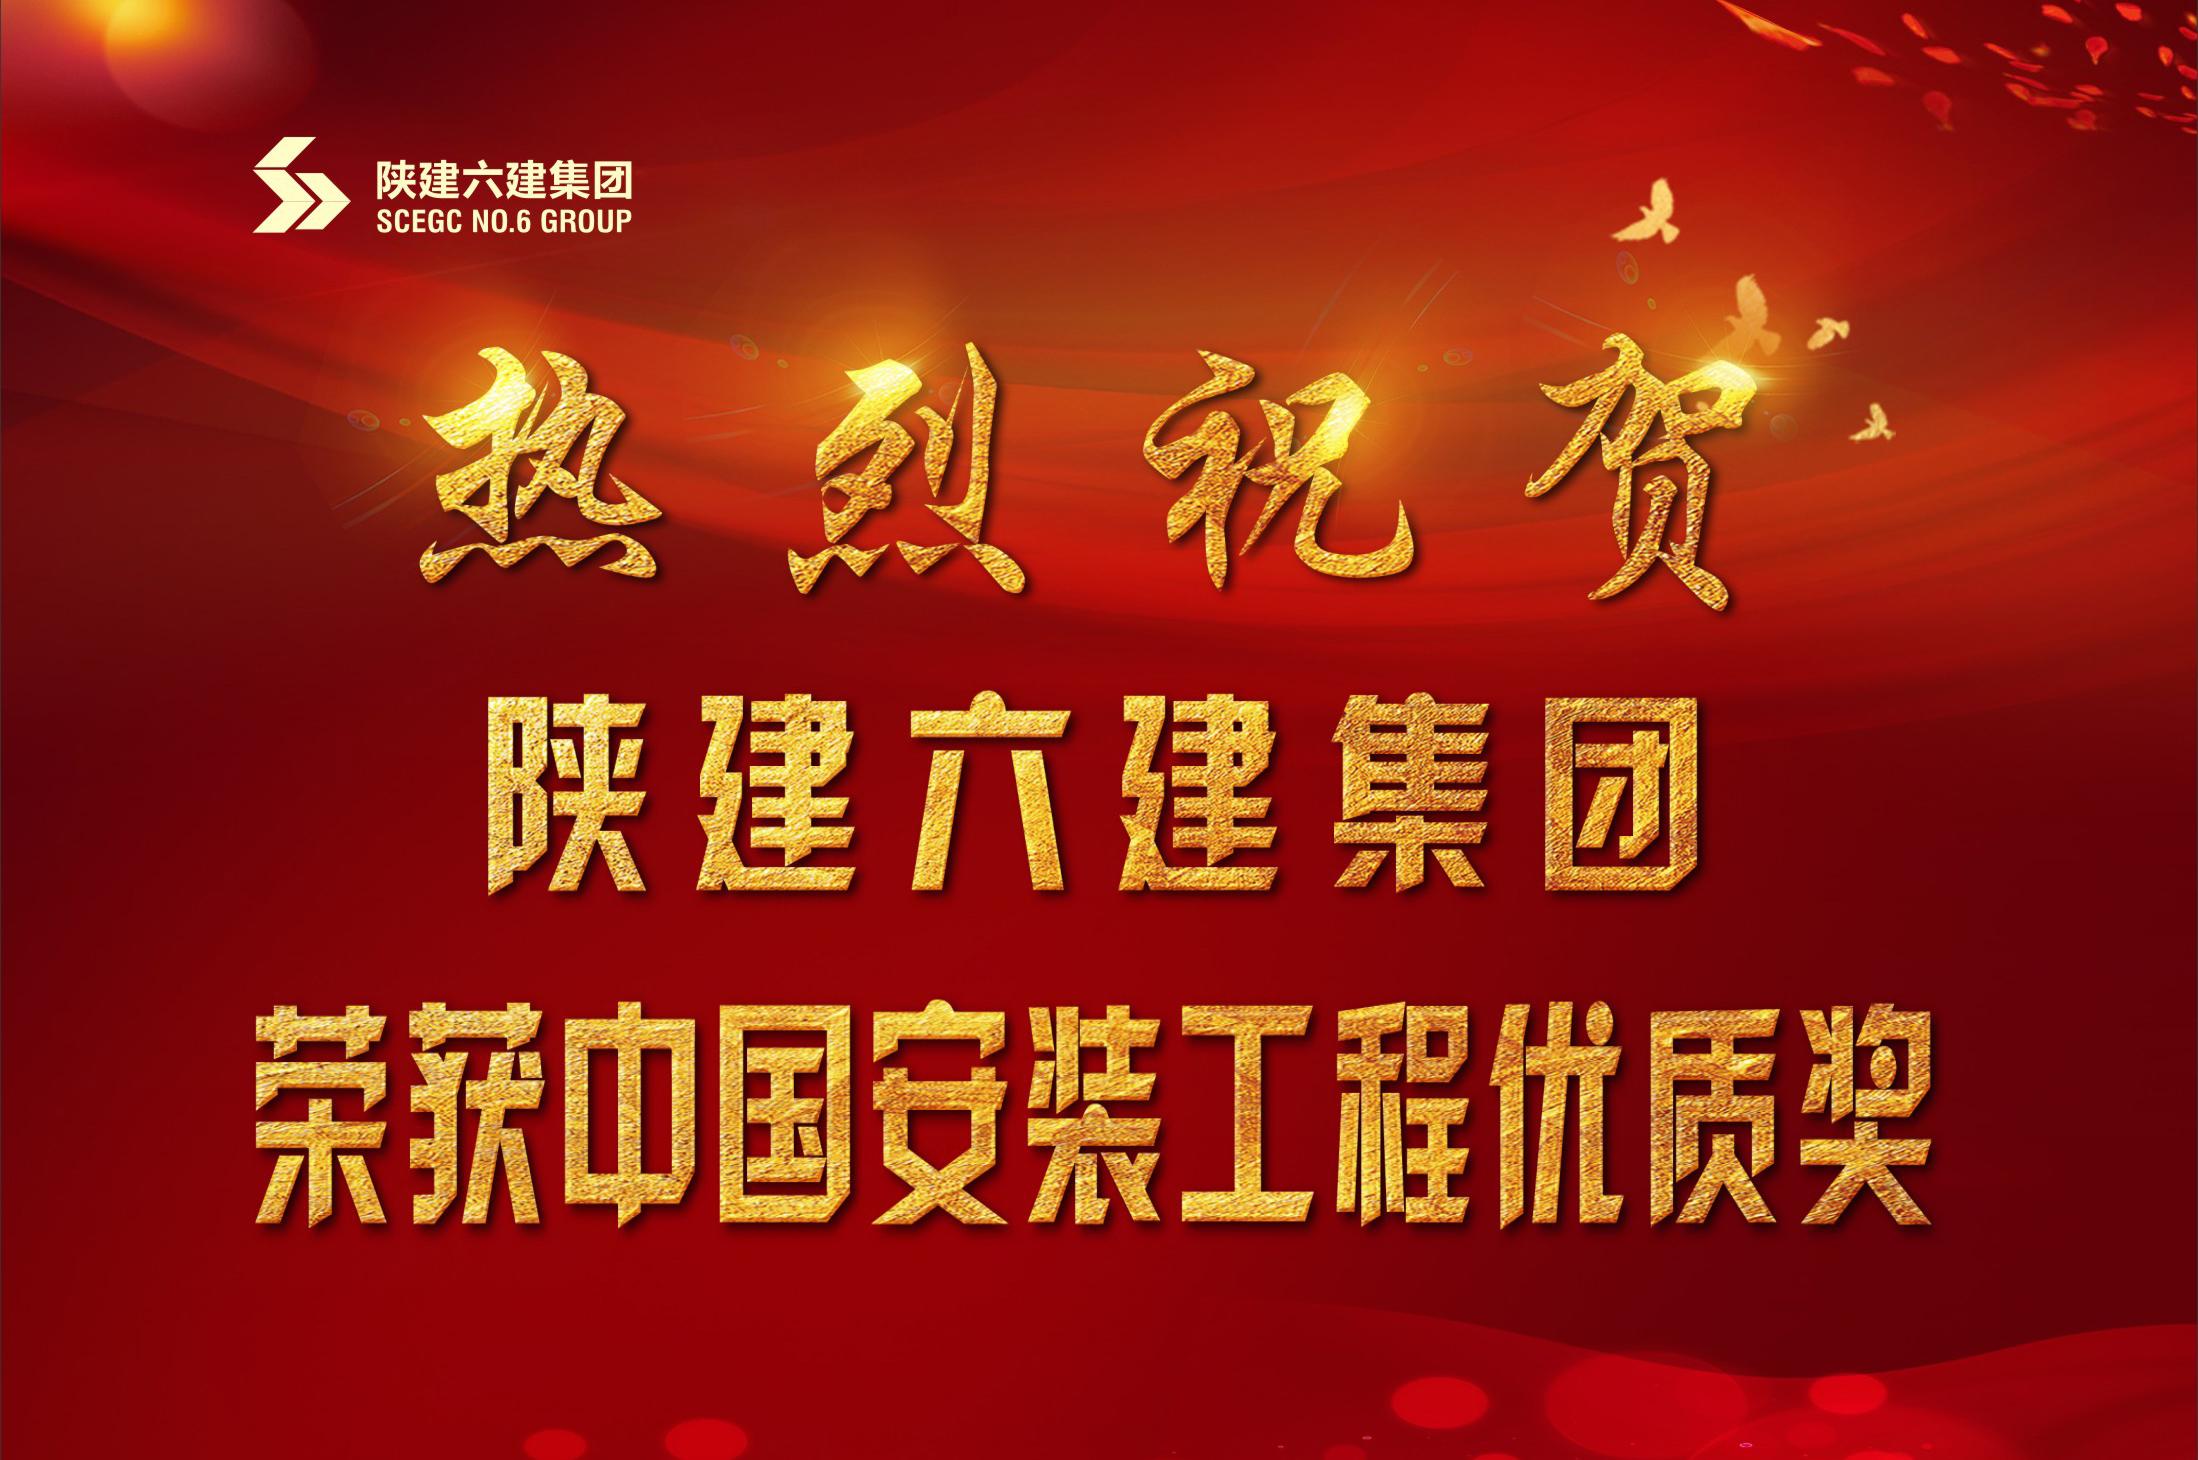 喜报:陕建六建集团荣获中国安装工程优质奖(中国安装之星)